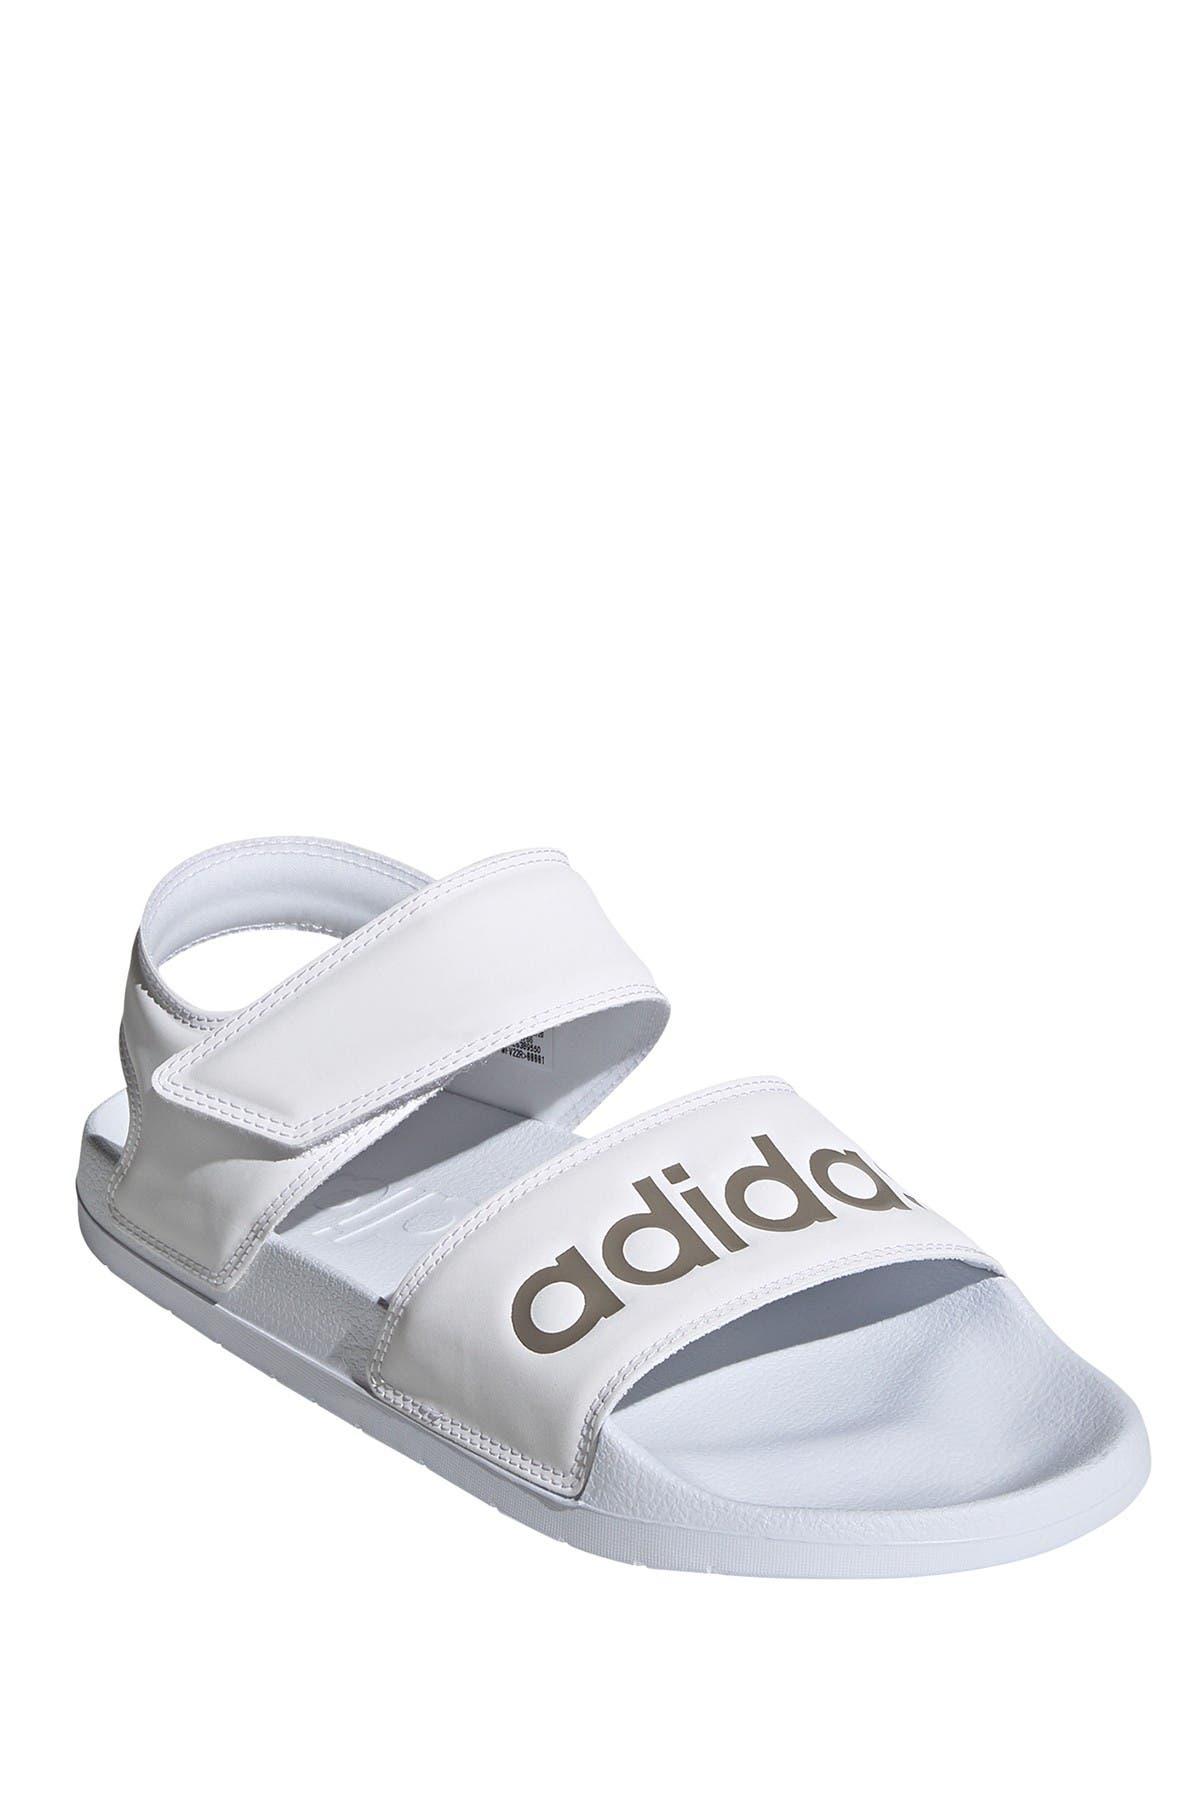 Image of adidas Adilette Slide Sandal